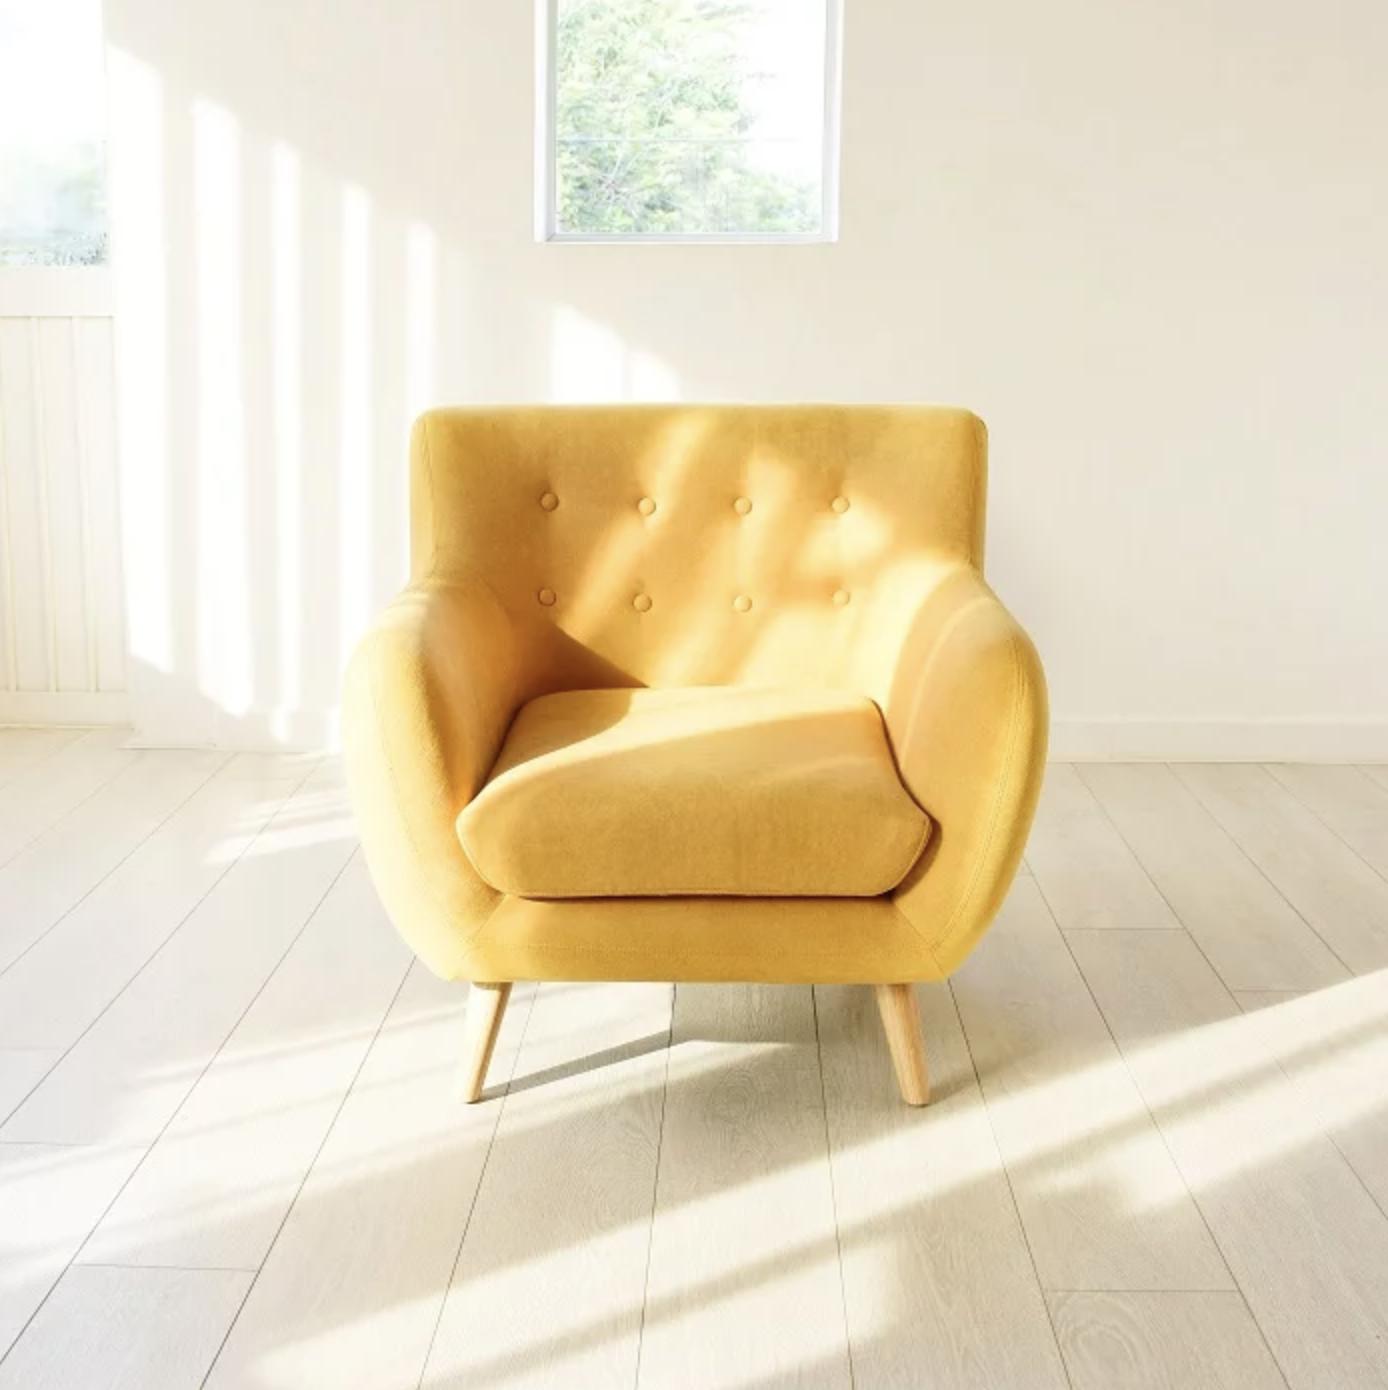 Phòng Rosé nhiều ghế lười xịn xò nhìn mê quá, sắm về dùng thì chill phải biết - Ảnh 8.